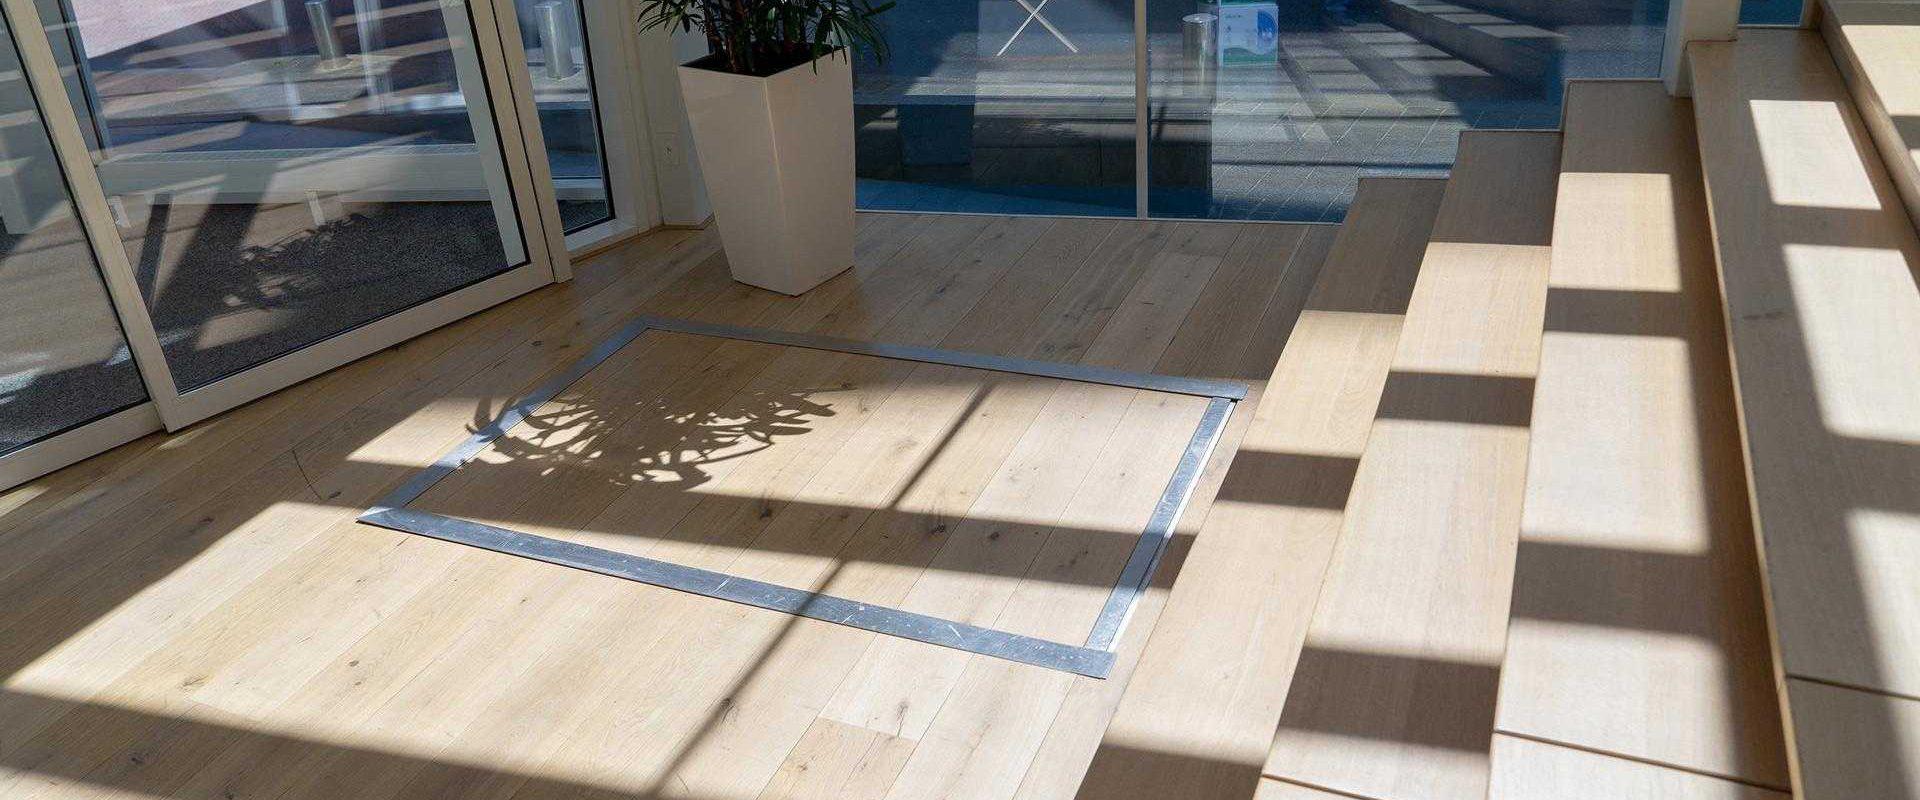 hydro plateau traplift weggewerkt in de vloer met houten doorgelegde vloer